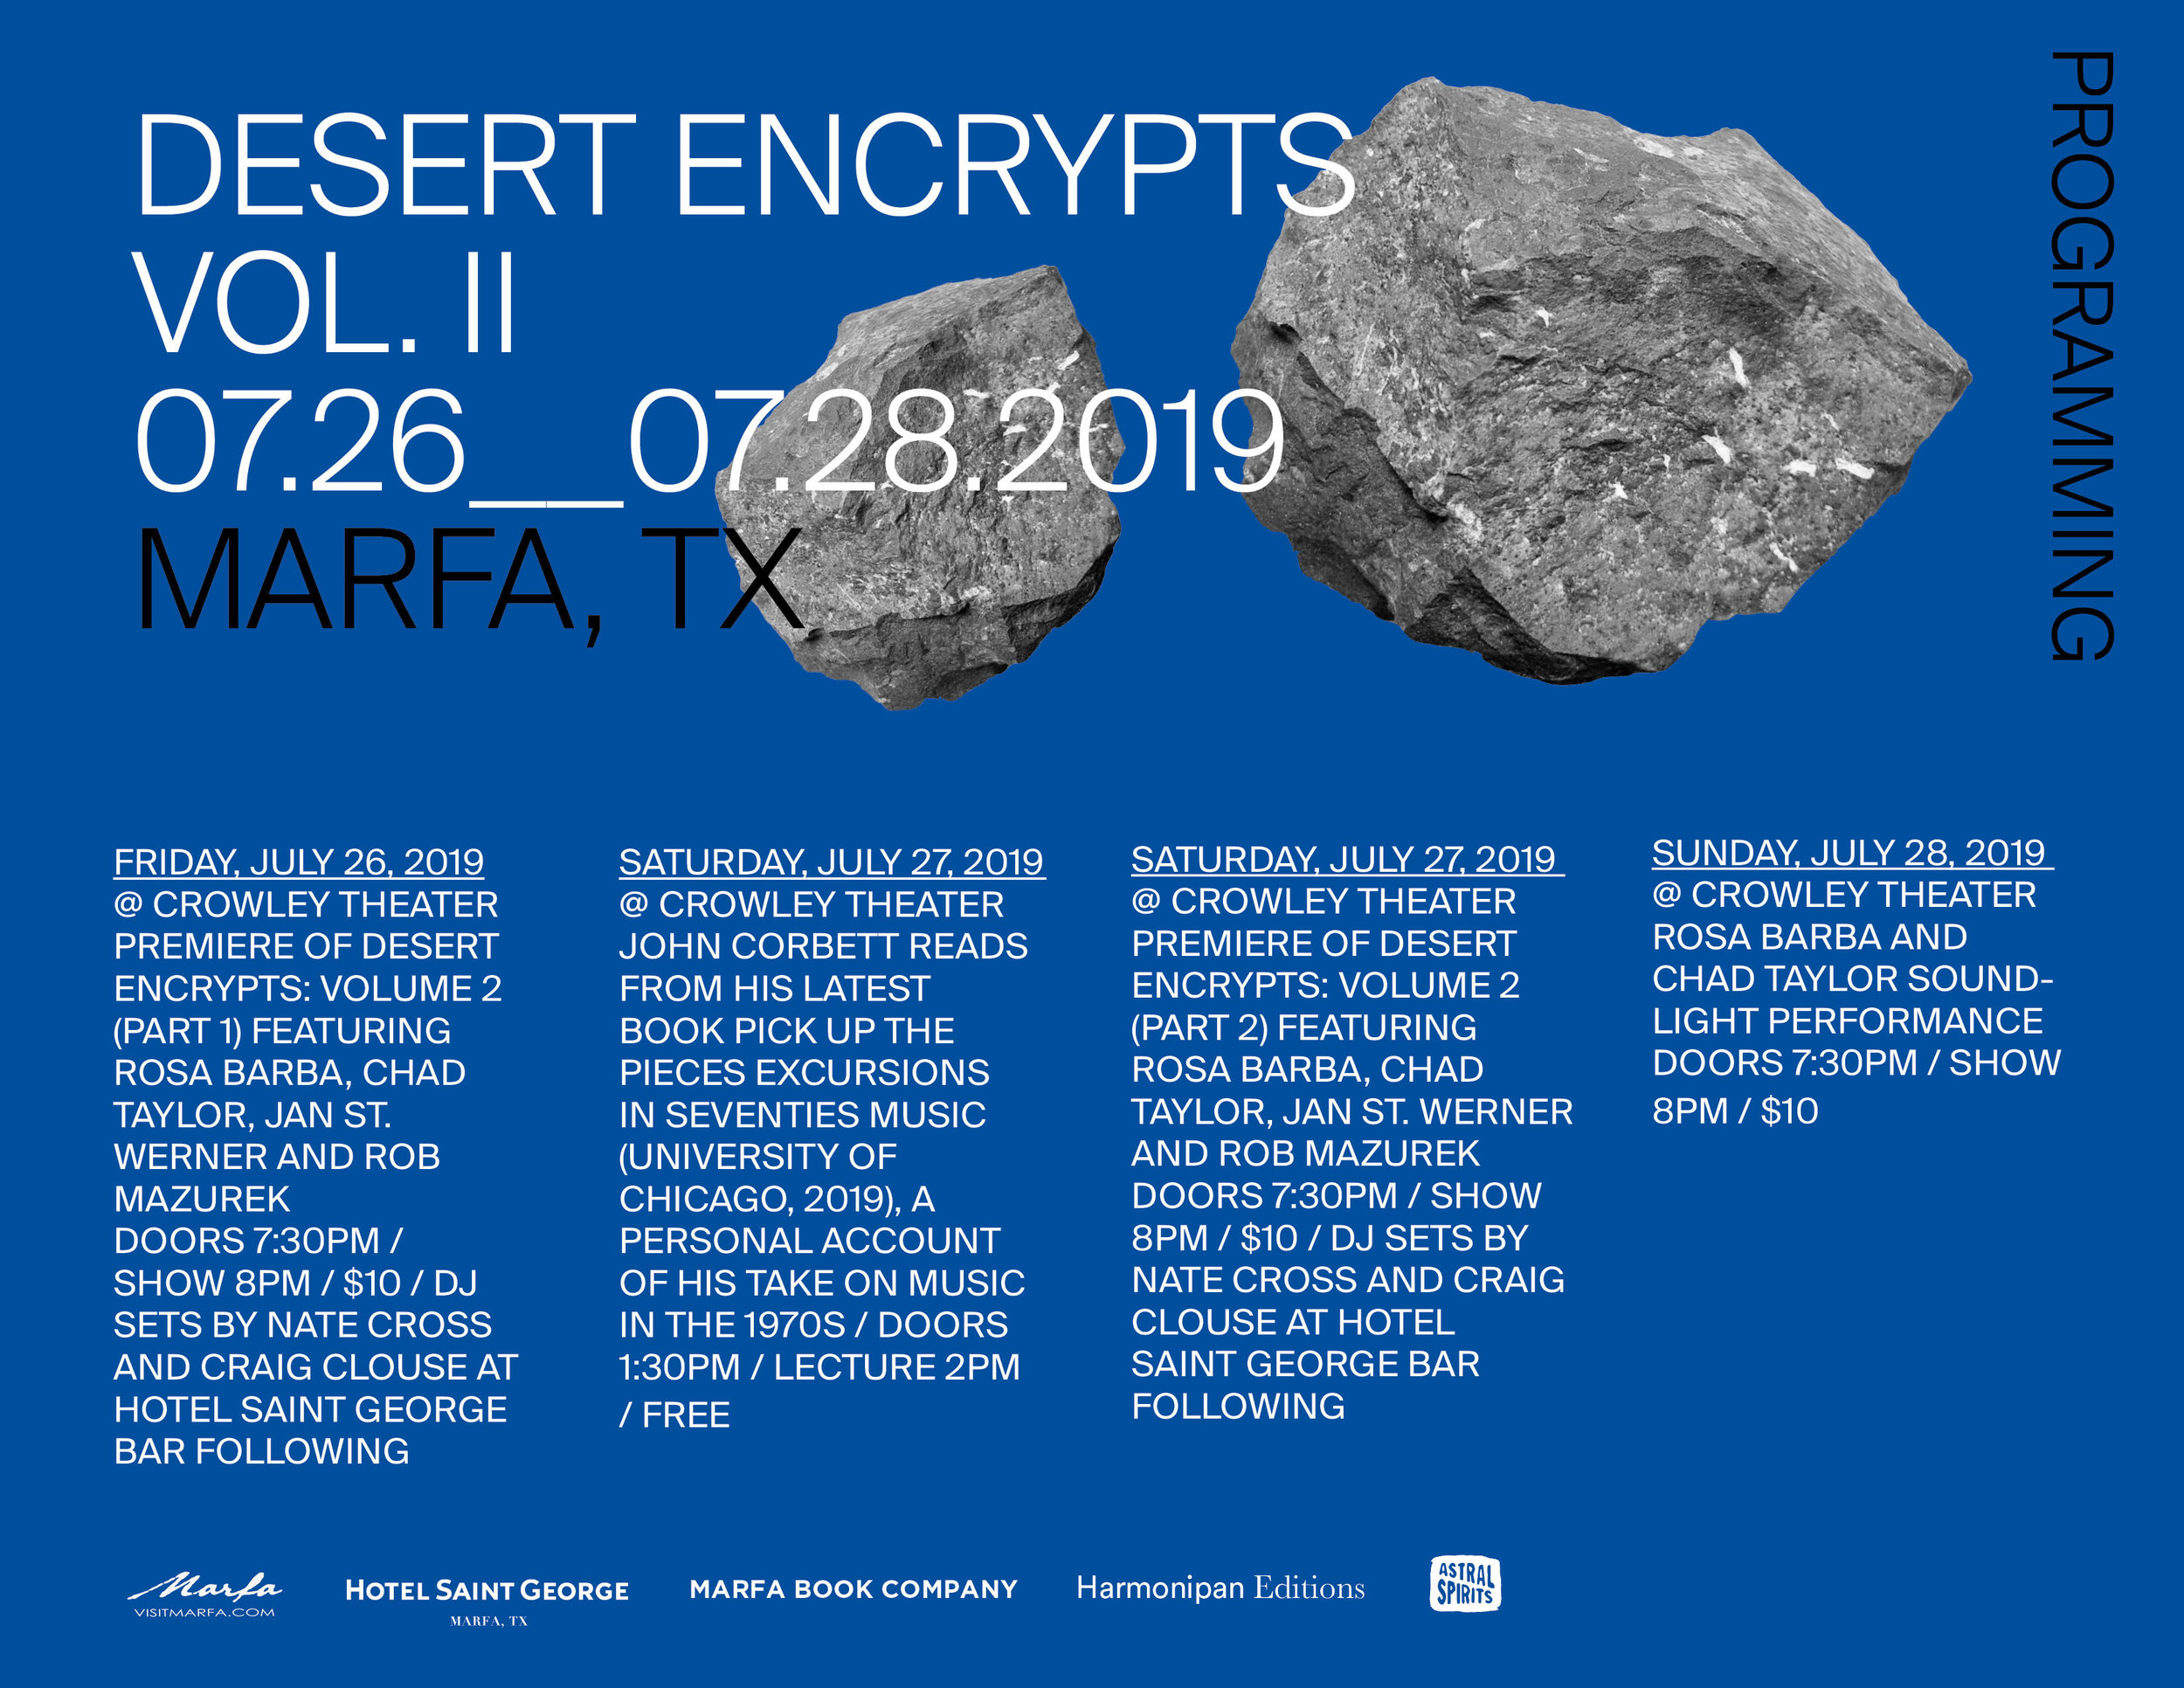 desert encrypts vol. 2.jpg